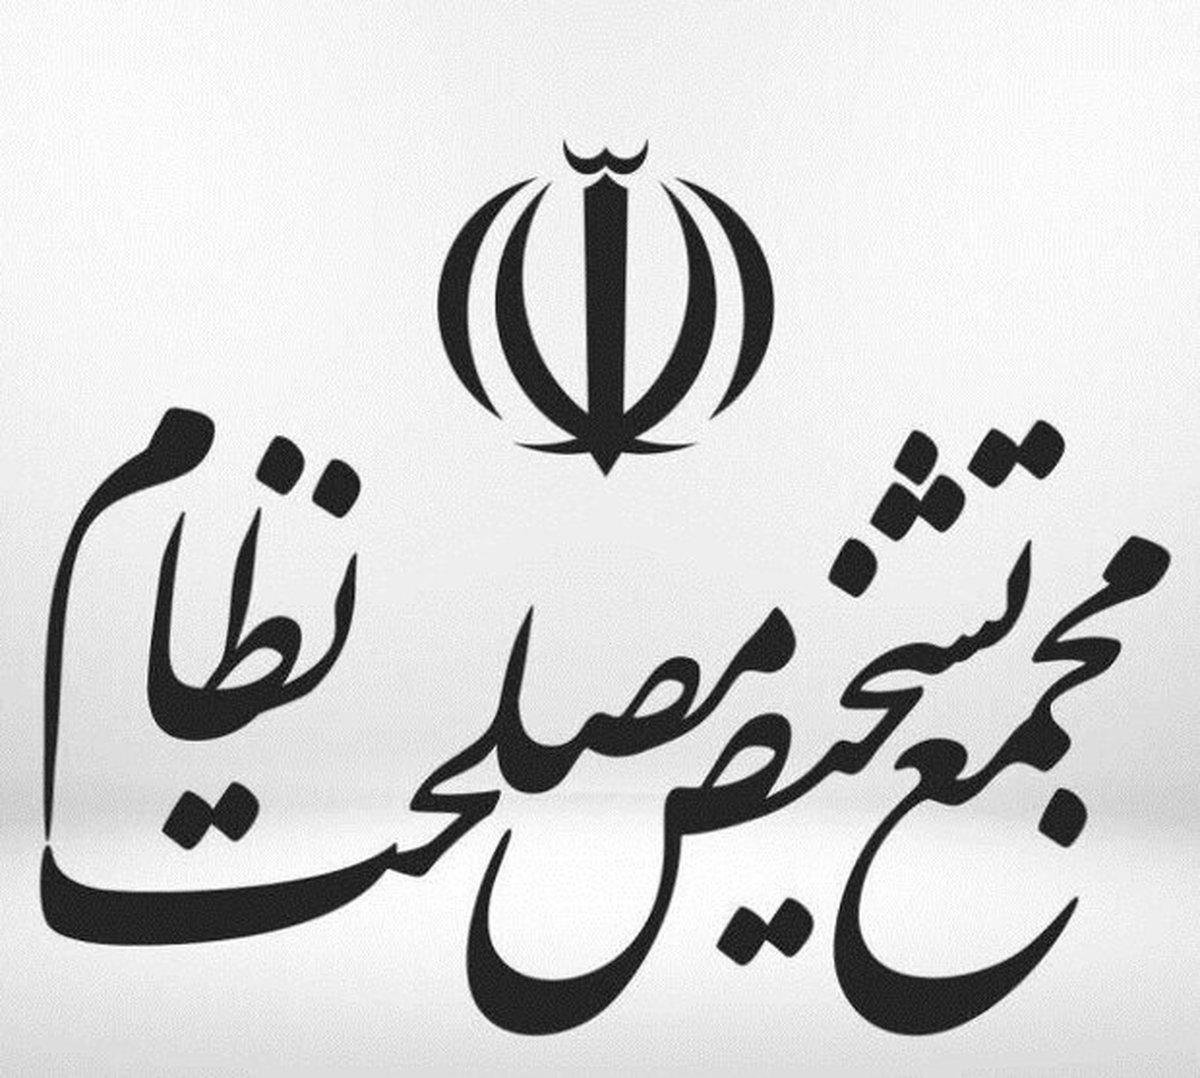 جلسه نهایی کارگروه مجمع تشخیص مصلحت در باره الگوی اسلامی ایرانی